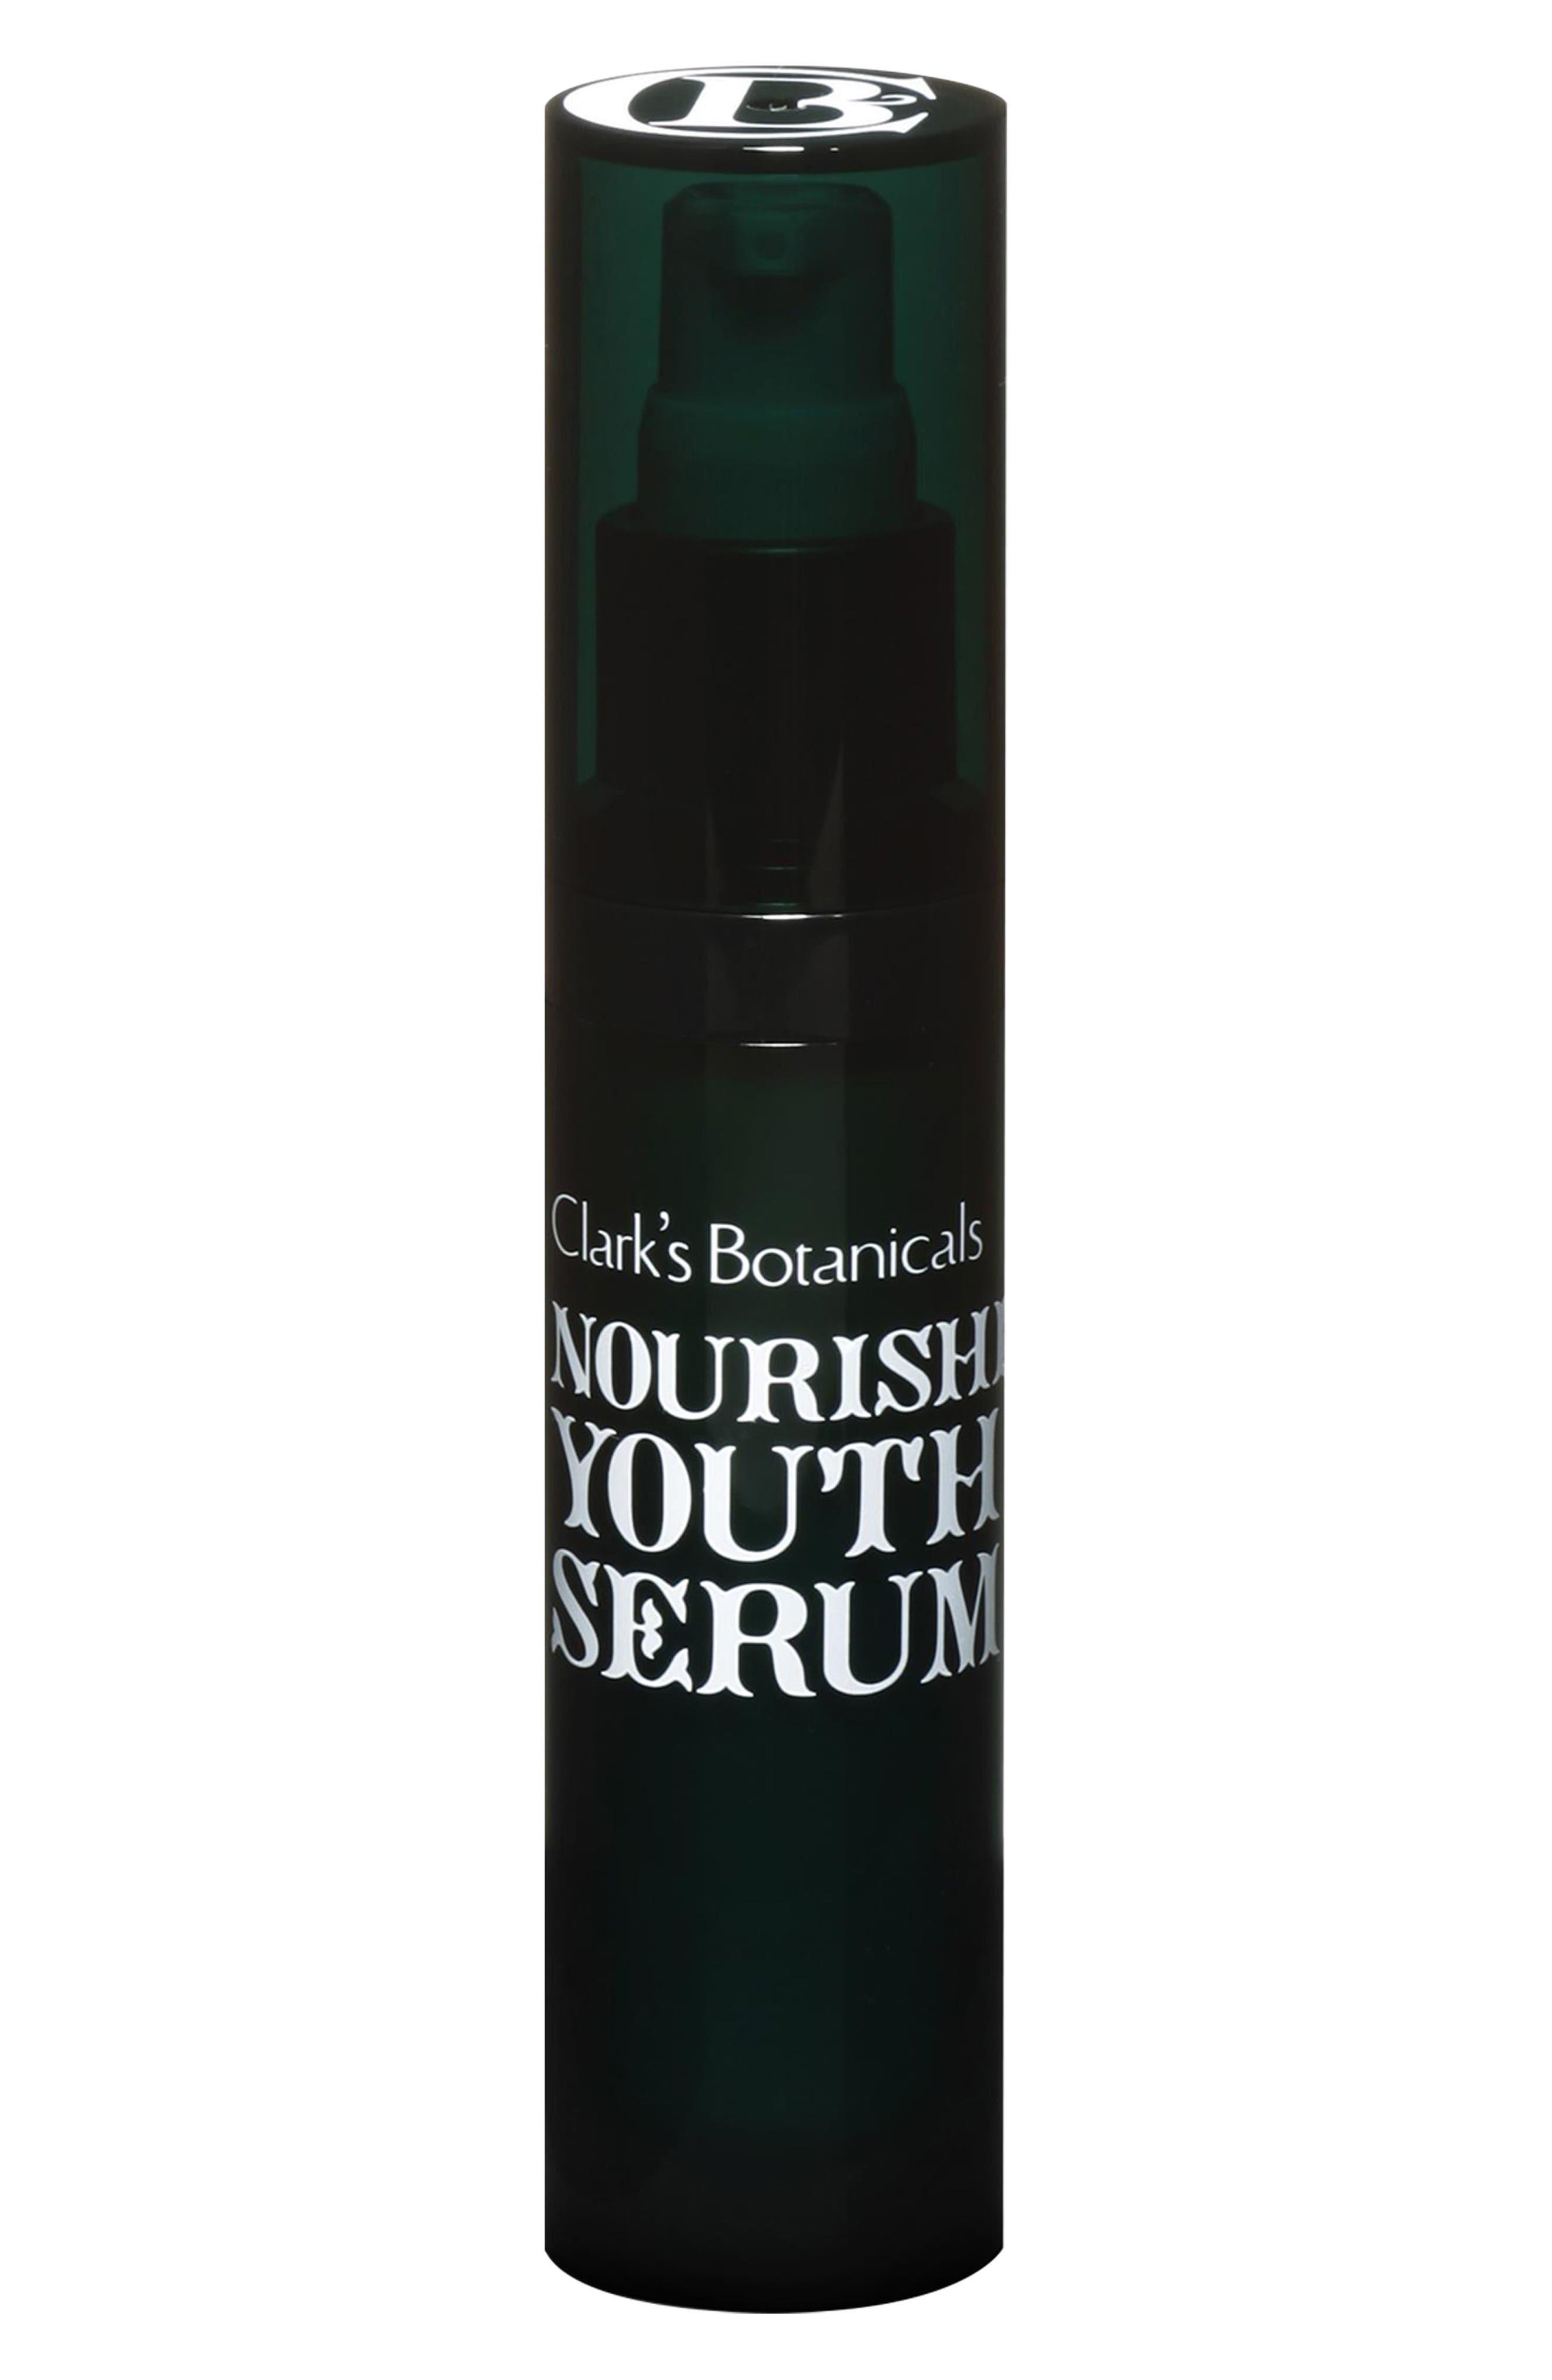 Nourishing Youth Serum